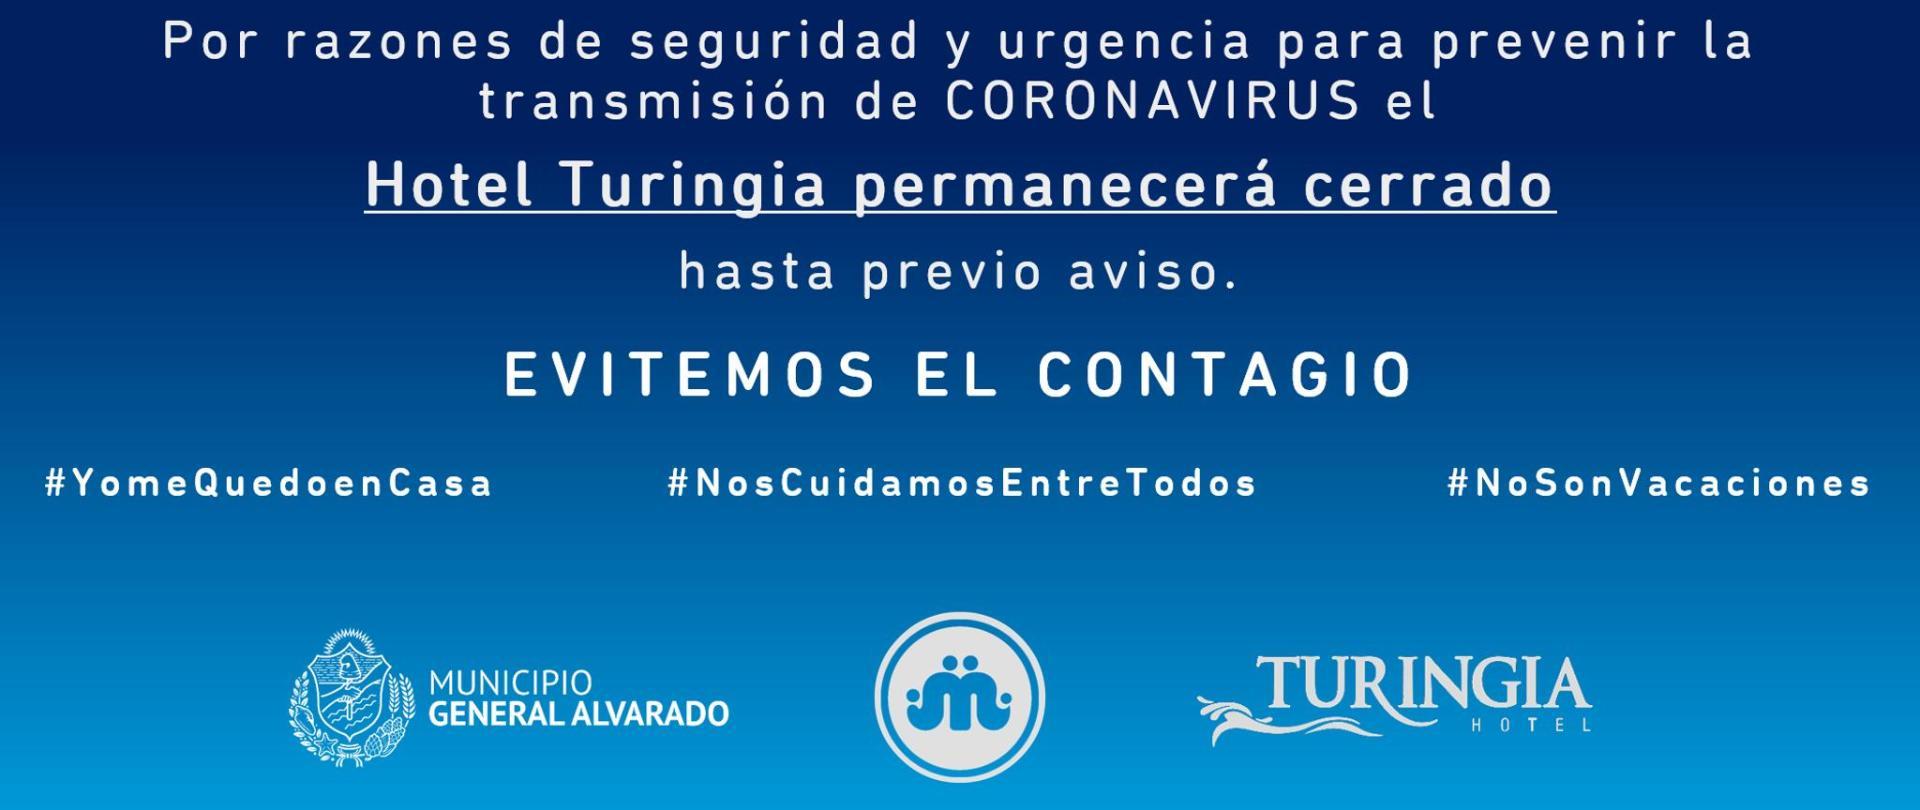 Hotel Turingia Miramar 2020 Coronavirus.png